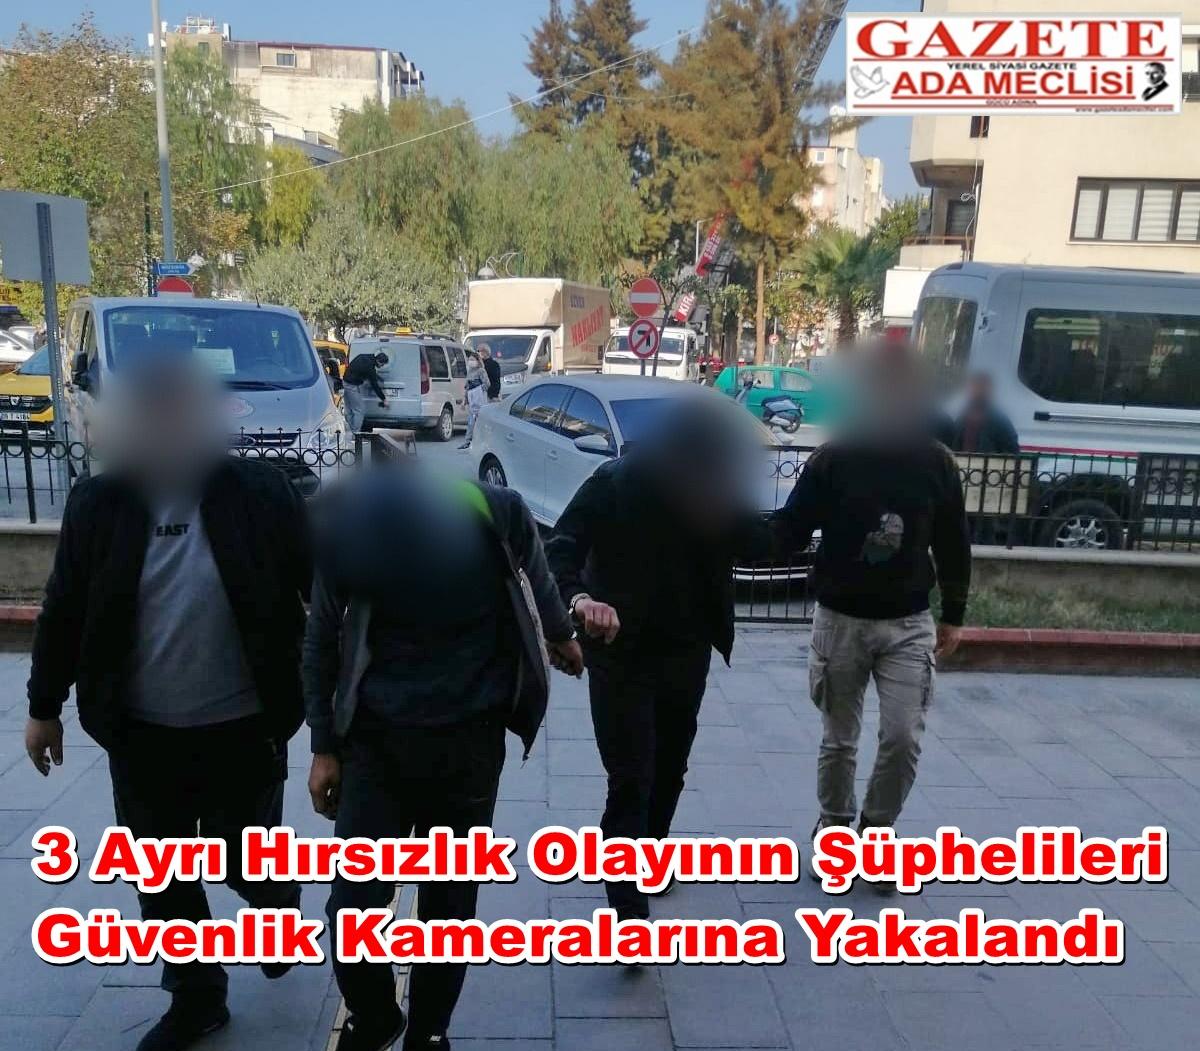 3 ayrı hırsızlık olayının şüphelileri güvenlik kameralarına yakalandı